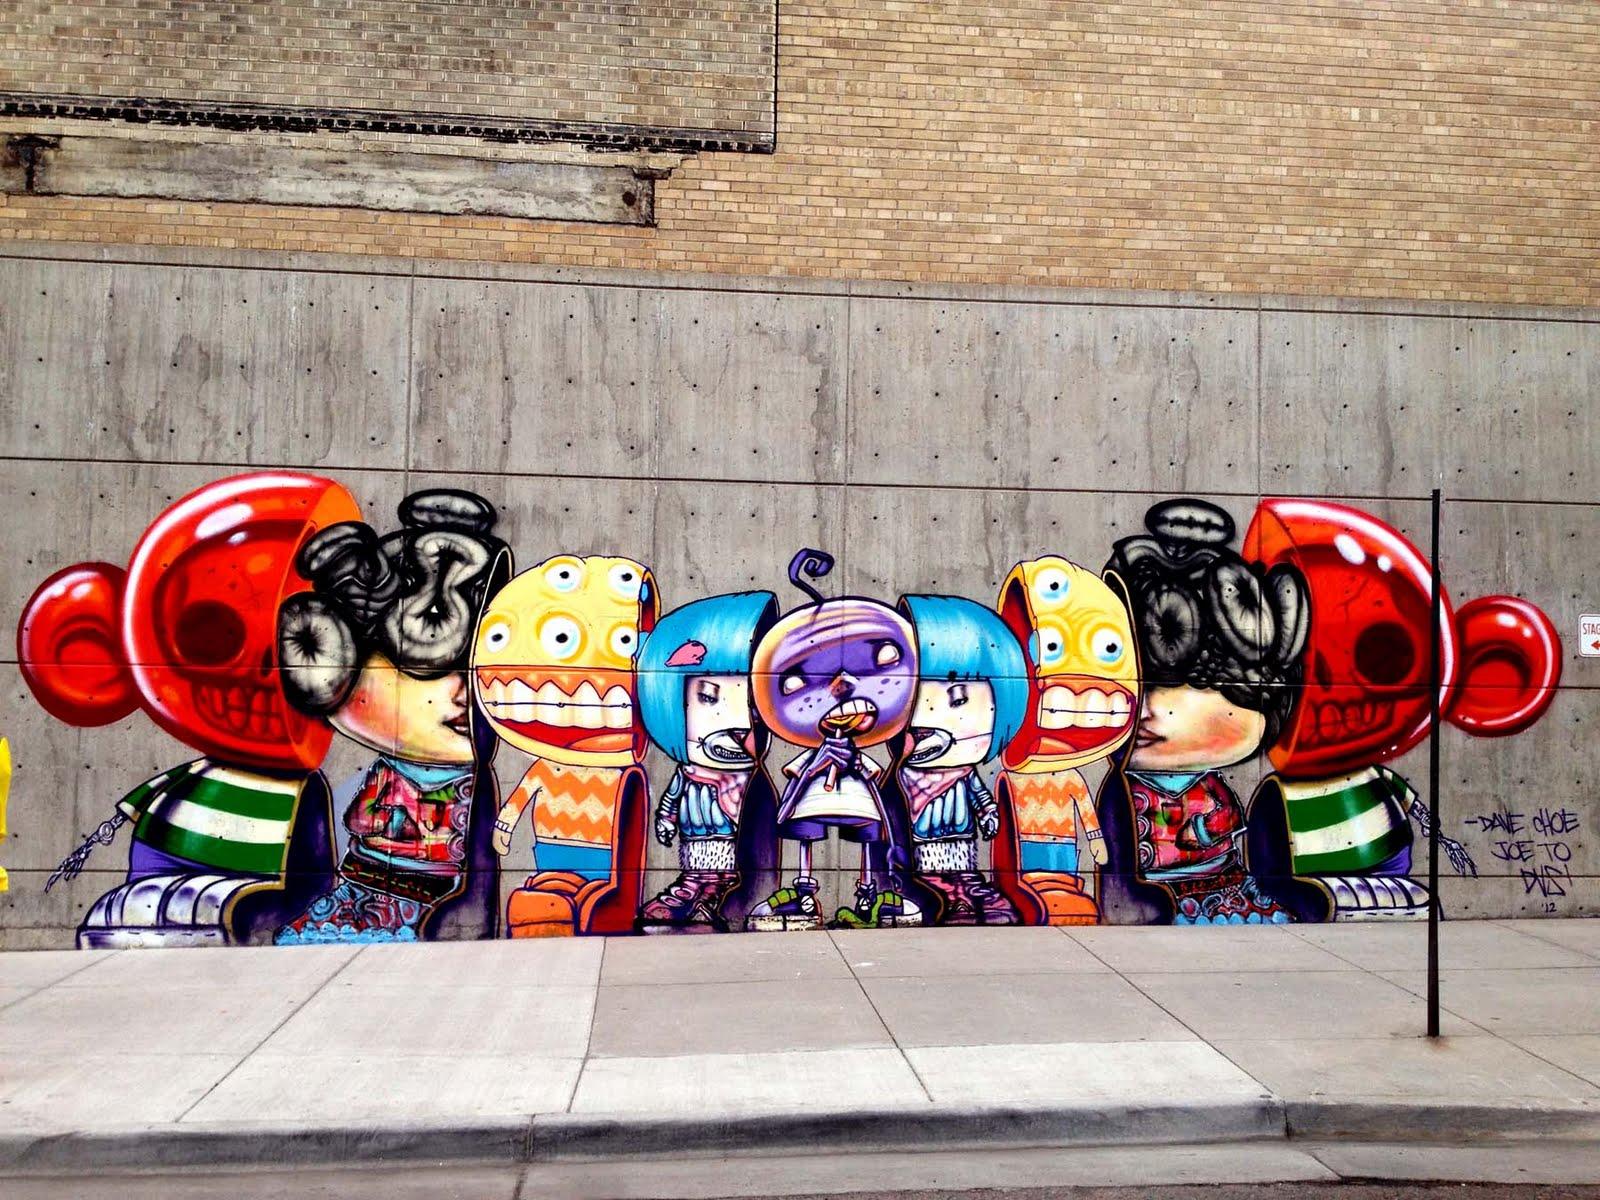 graffiti mural art - graffiti murals in los angeles - mural graffiti art - david choe painter